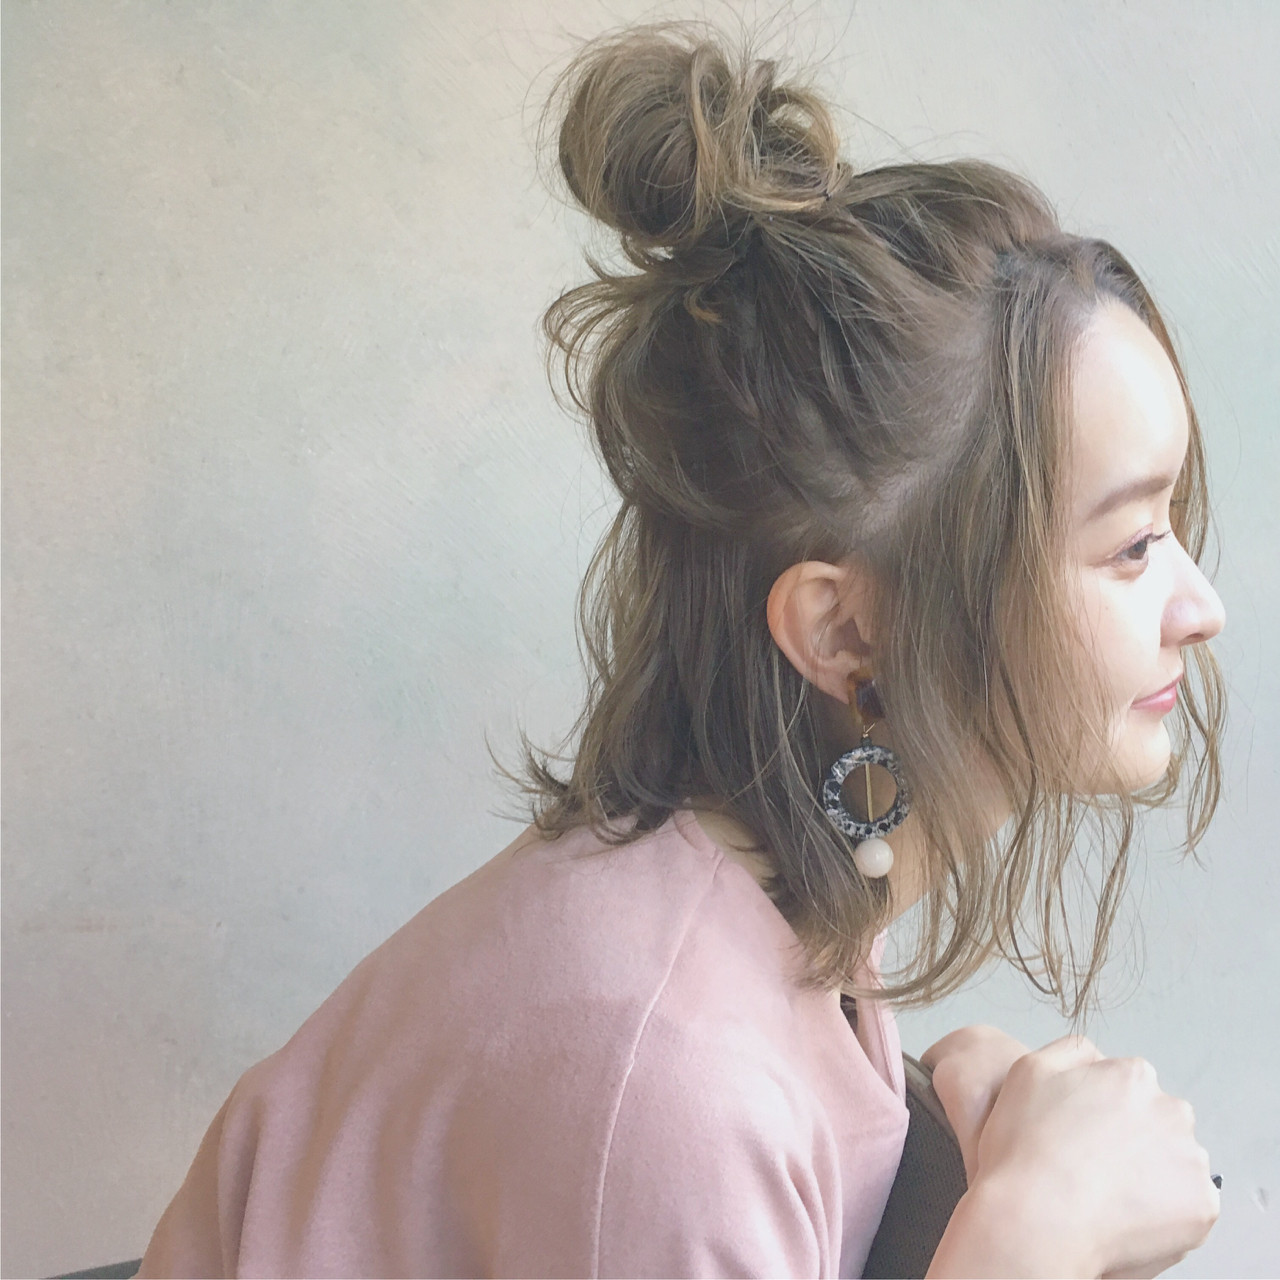 キャップと相性が良い髪型は?とっておき可愛いヘアスタイルをPickUp  秋山 絵梨香 / DECO | DECO